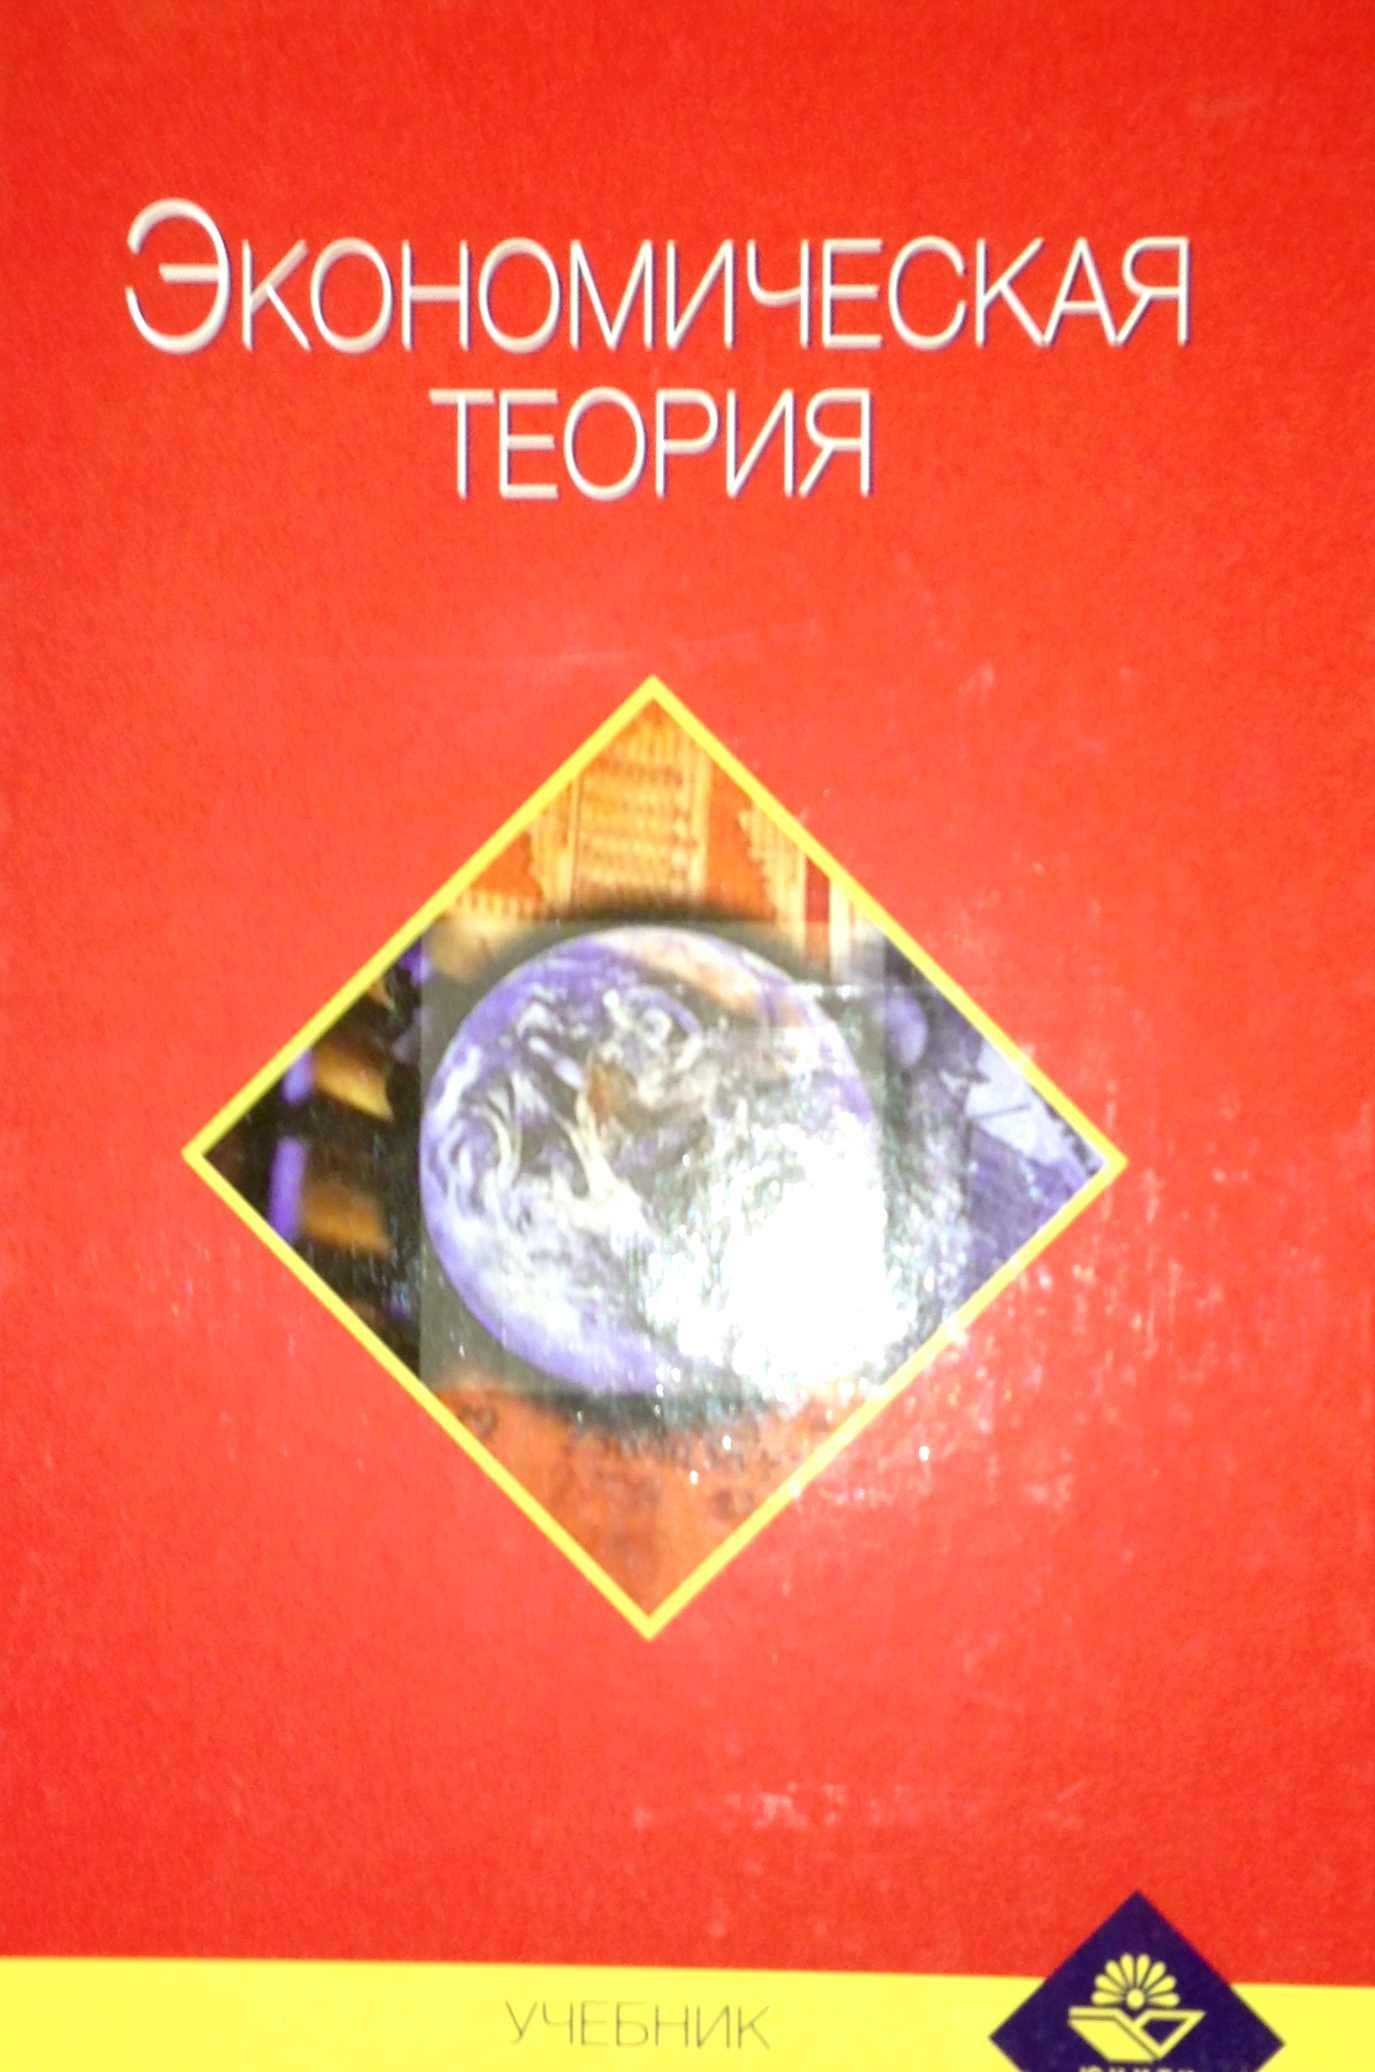 Экономическая теория: Учебник для студентов вузов, обучающихся по экономическим специальностям